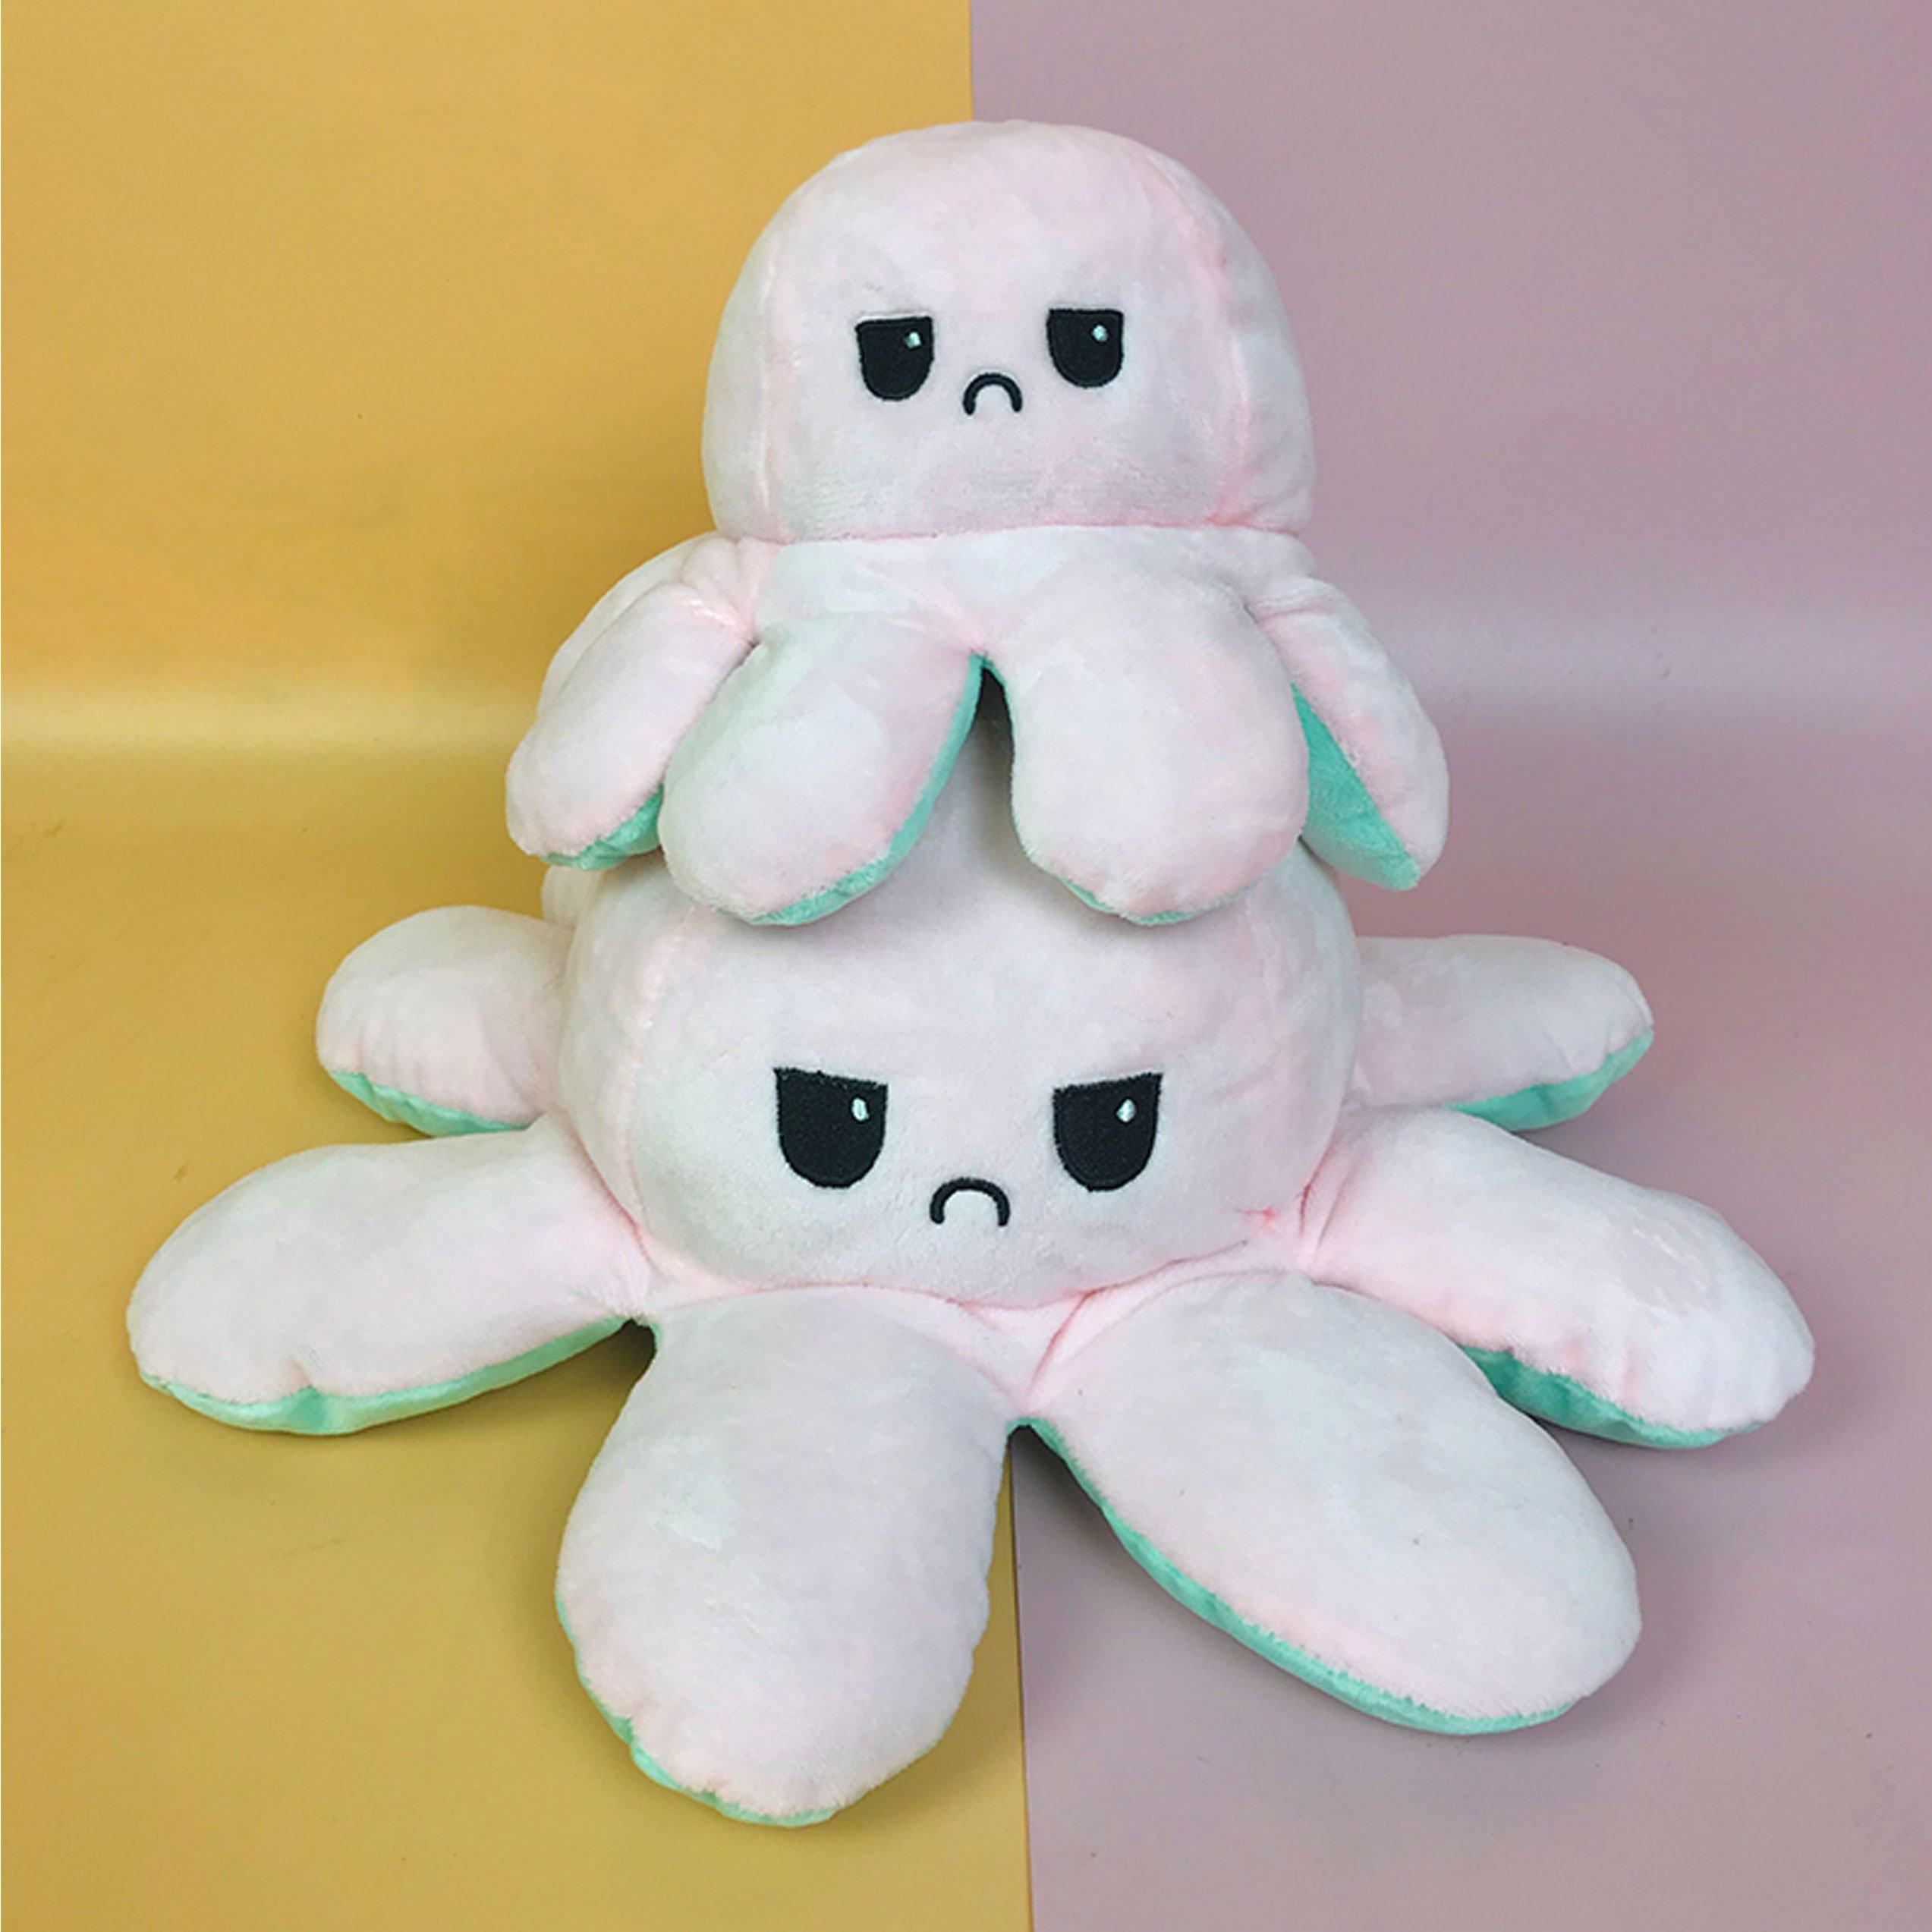 Gấu bông bạch tuộc cảm xúc 2 mặt cao cấp - Hàng chính hãng Memon - Đồ chơi thú nhồi bông bạch tuộc cảm xúc nhiều màu. Kích thước 20cm, Bông gòn mềm mịn, dễ sử dụng và an toàn cho trẻ nhỏ.